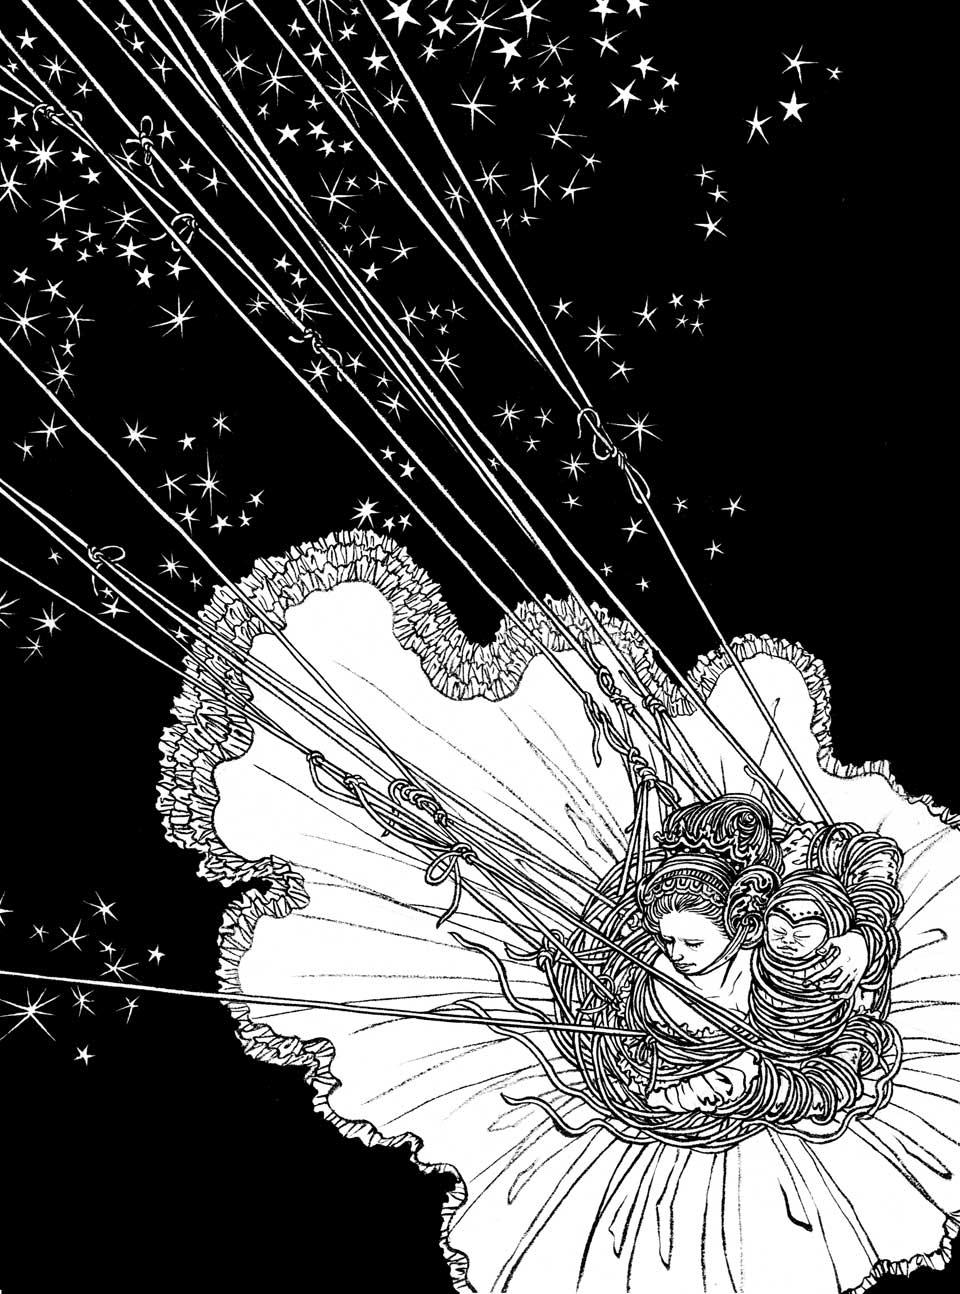 Yuko Shimizu - A Wild Swan – interior illustrations 2 – -